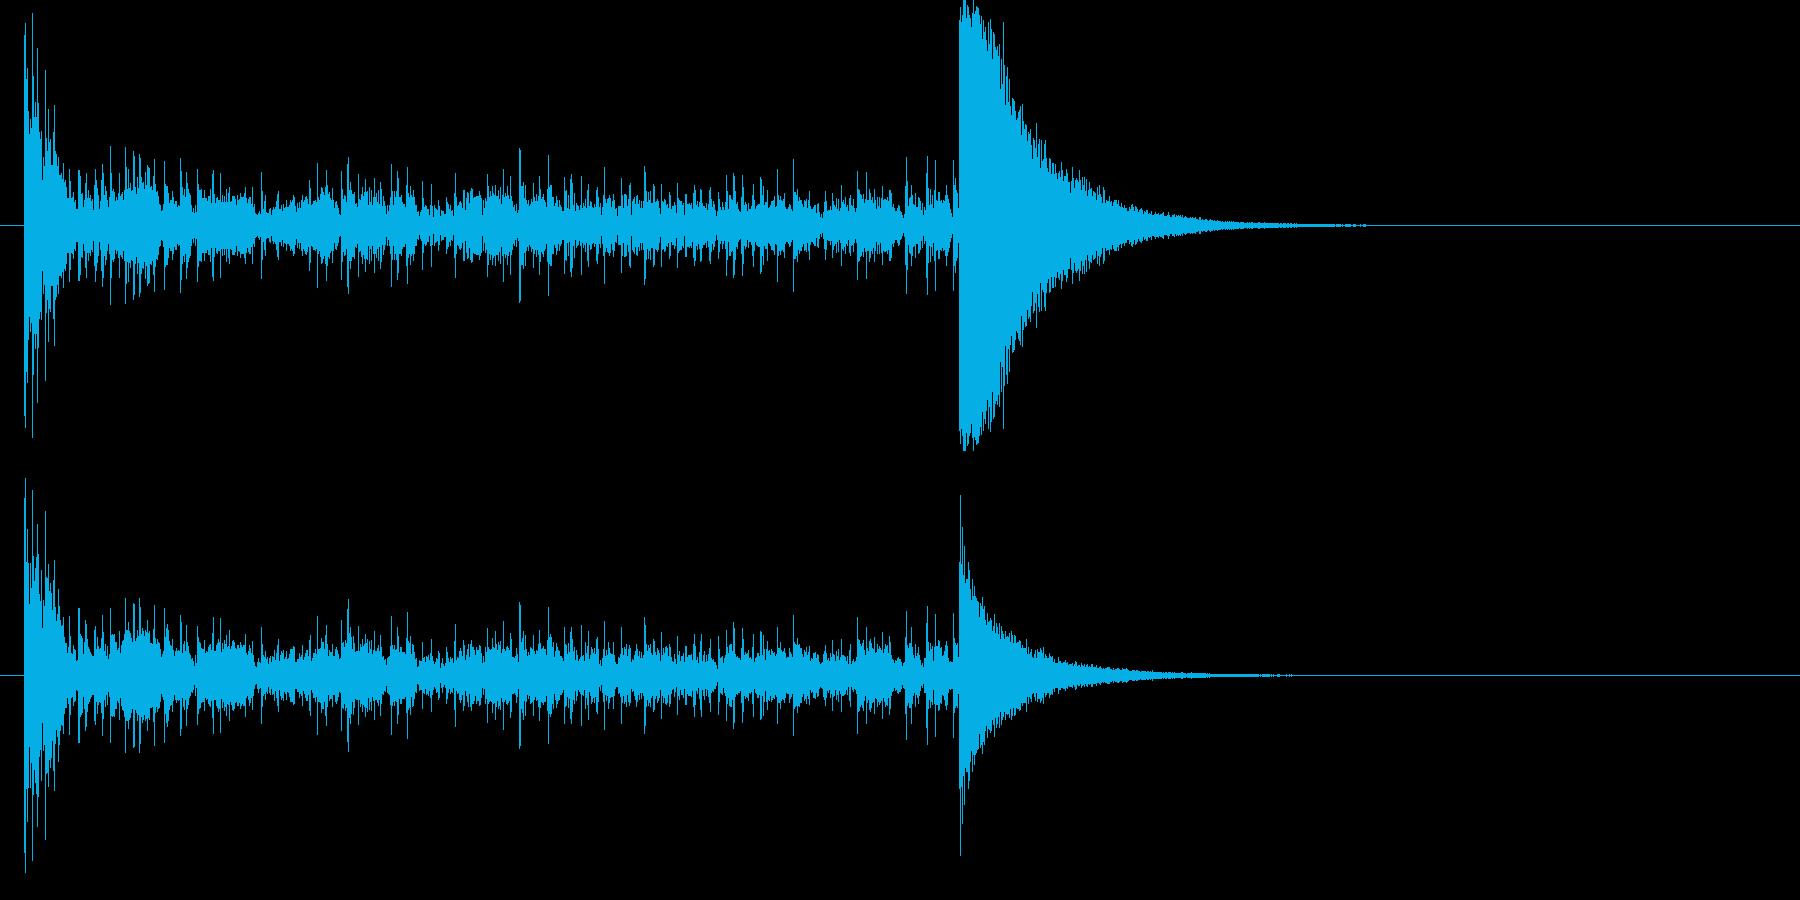 結果発表ドコドコ・ロール10秒シンバル有の再生済みの波形